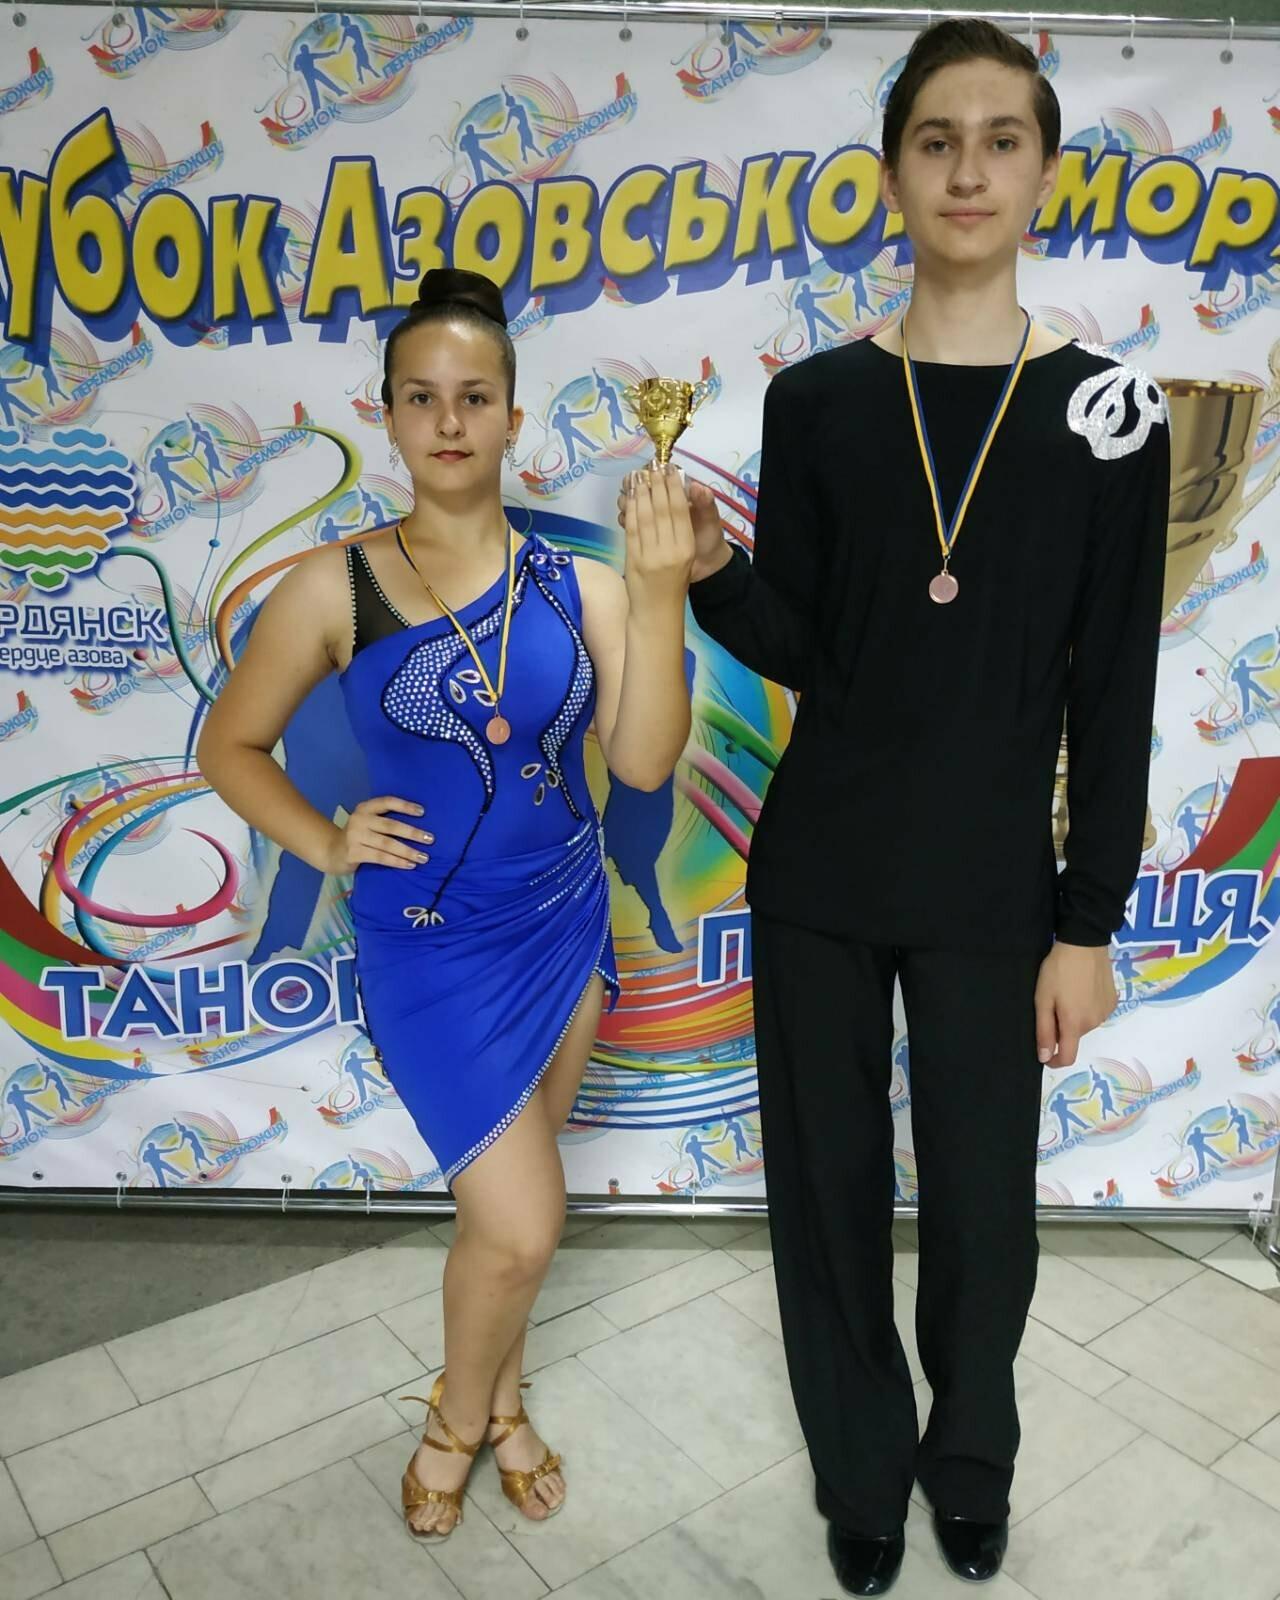 Более 700 бальников сразятся за «Кубок Азовского моря» в Бердянске, фото-5